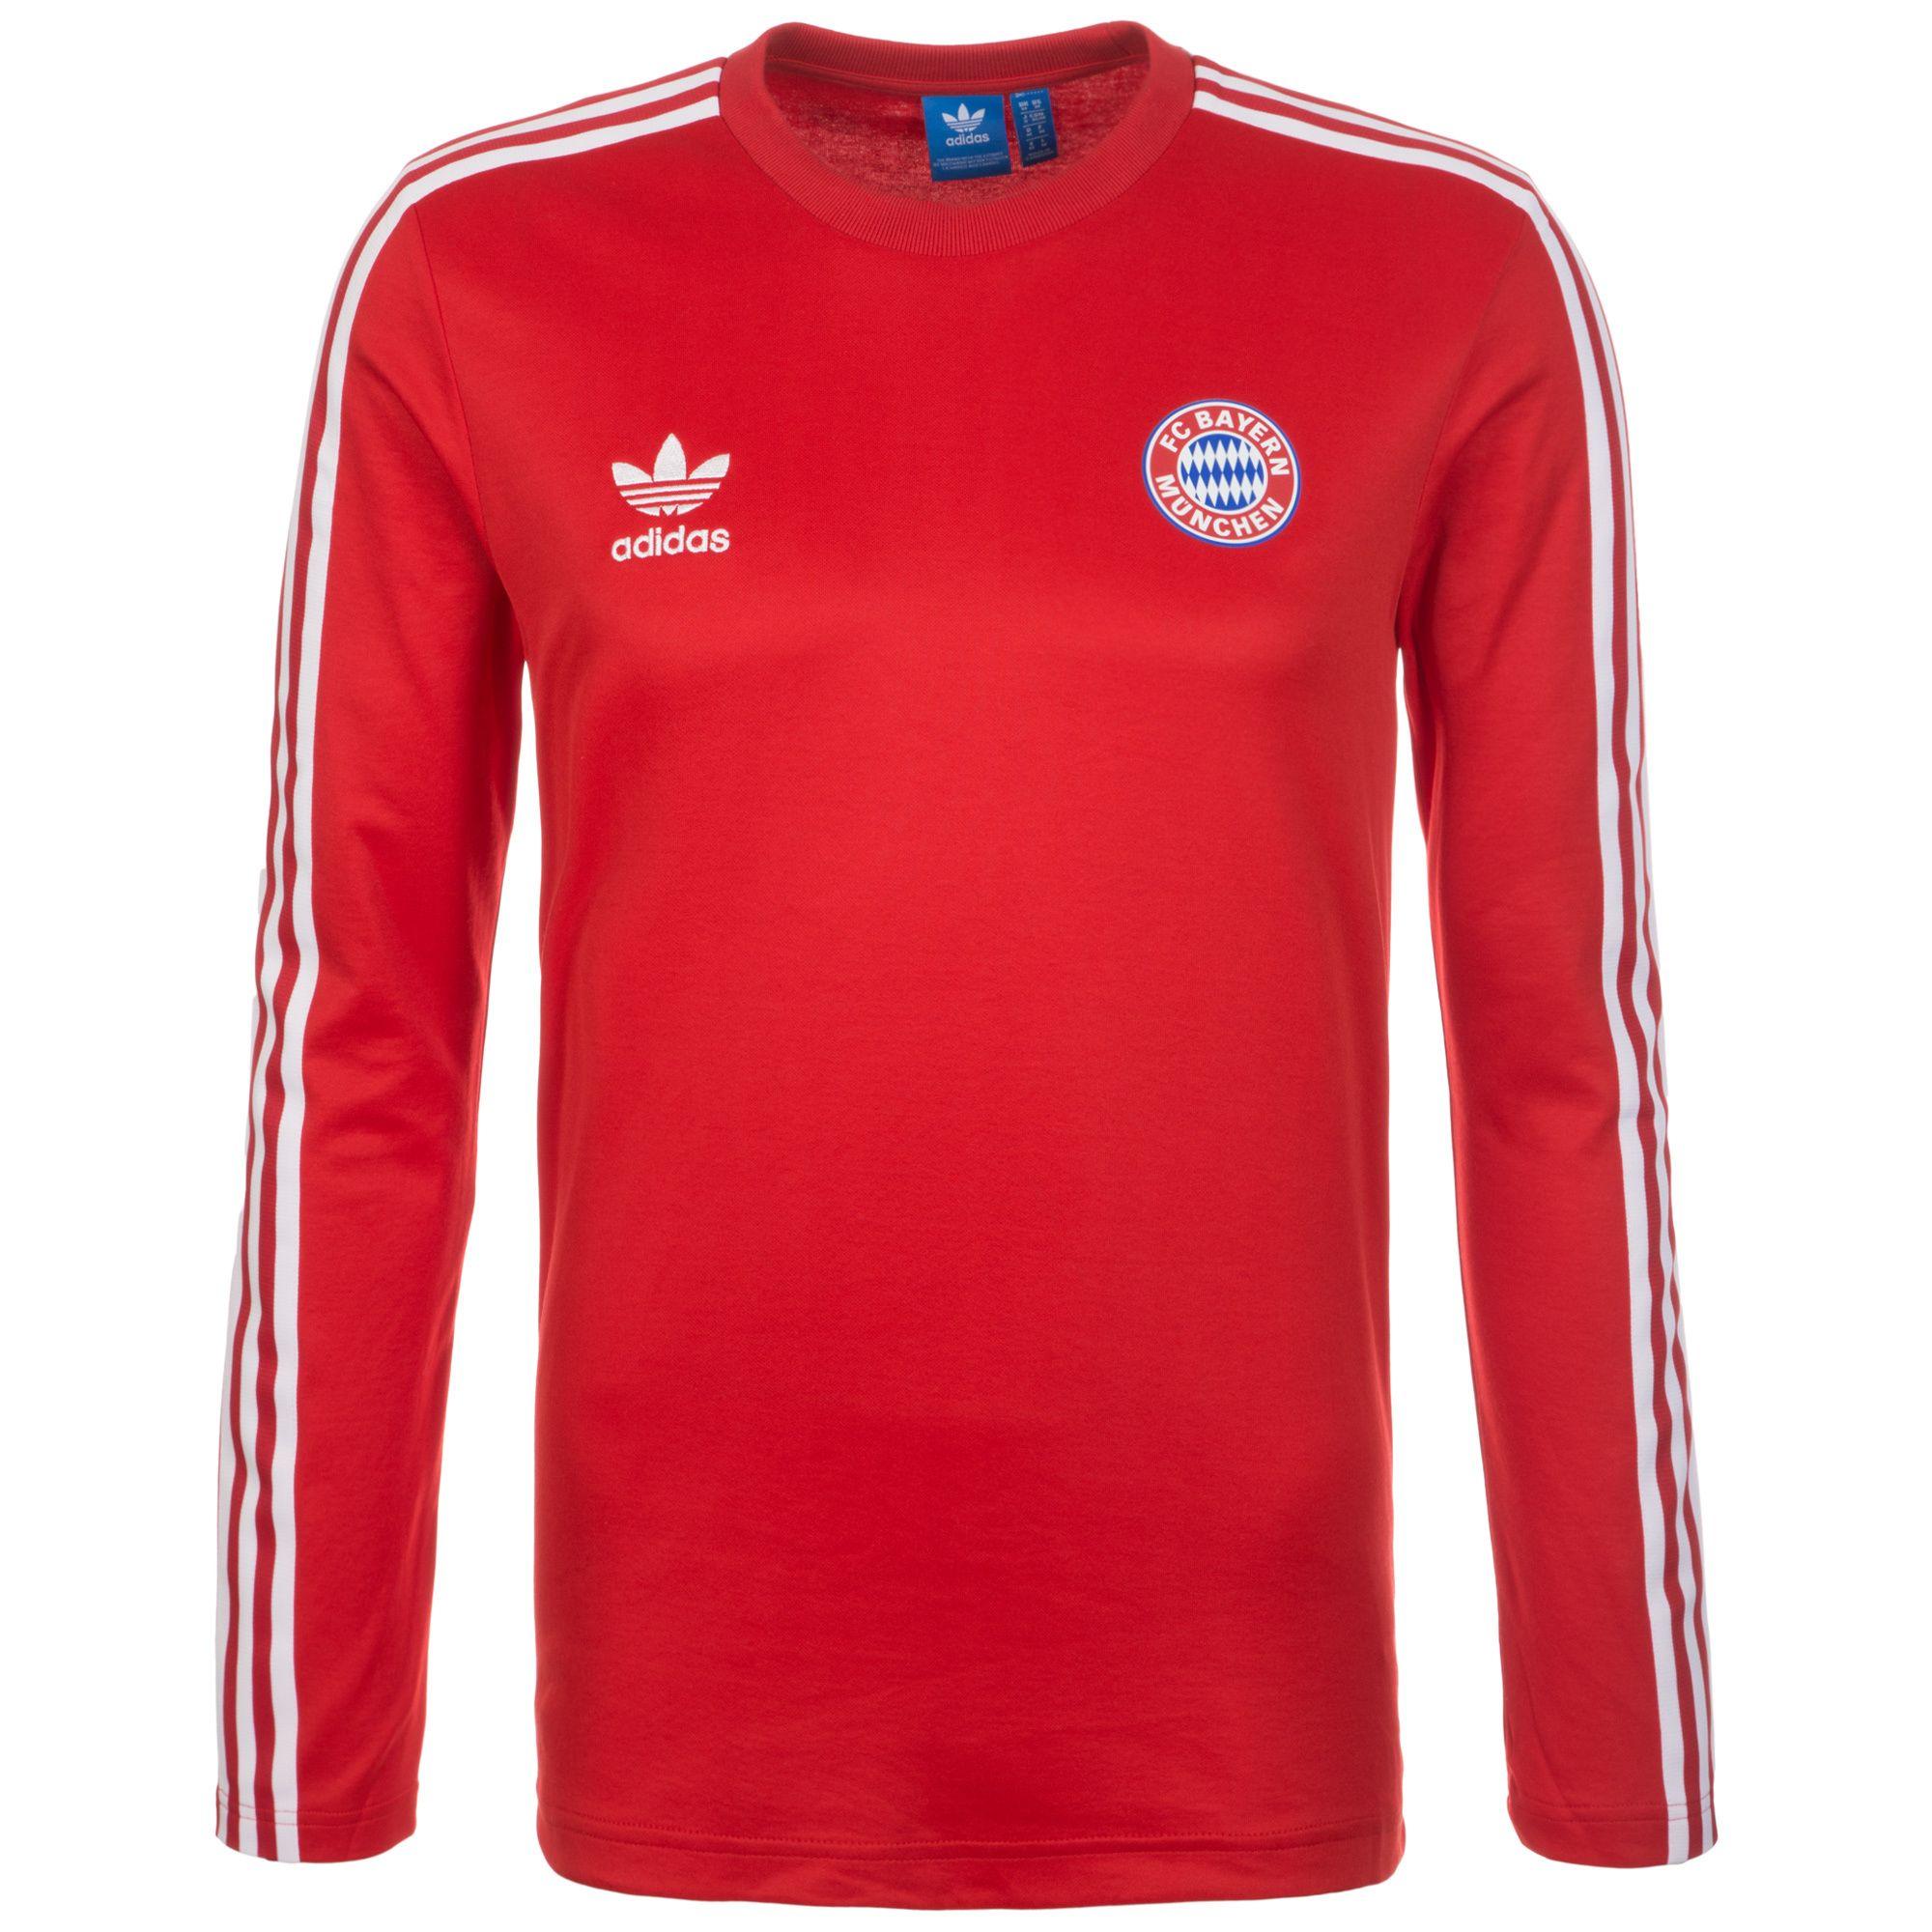 ADIDAS ORIGINALS adidas Originals FC Bayern München Retro Trikot Herren